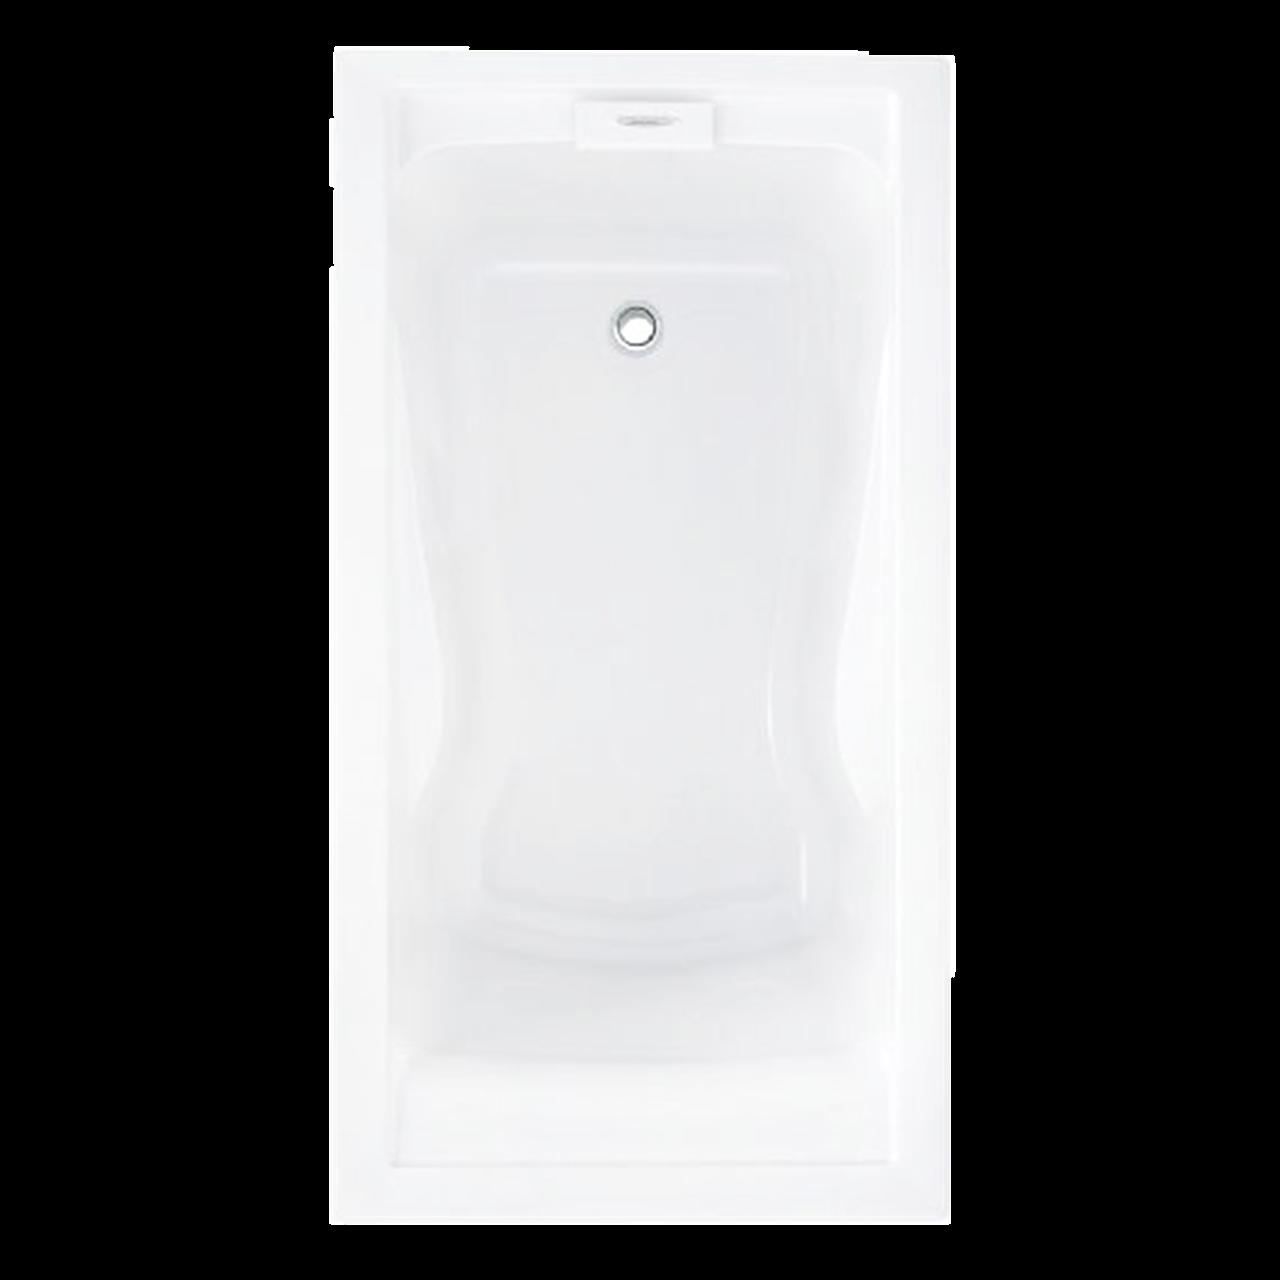 Bathtubs - Evolution 60 Inch by 32 Inch Deep Soak Bathtub ...